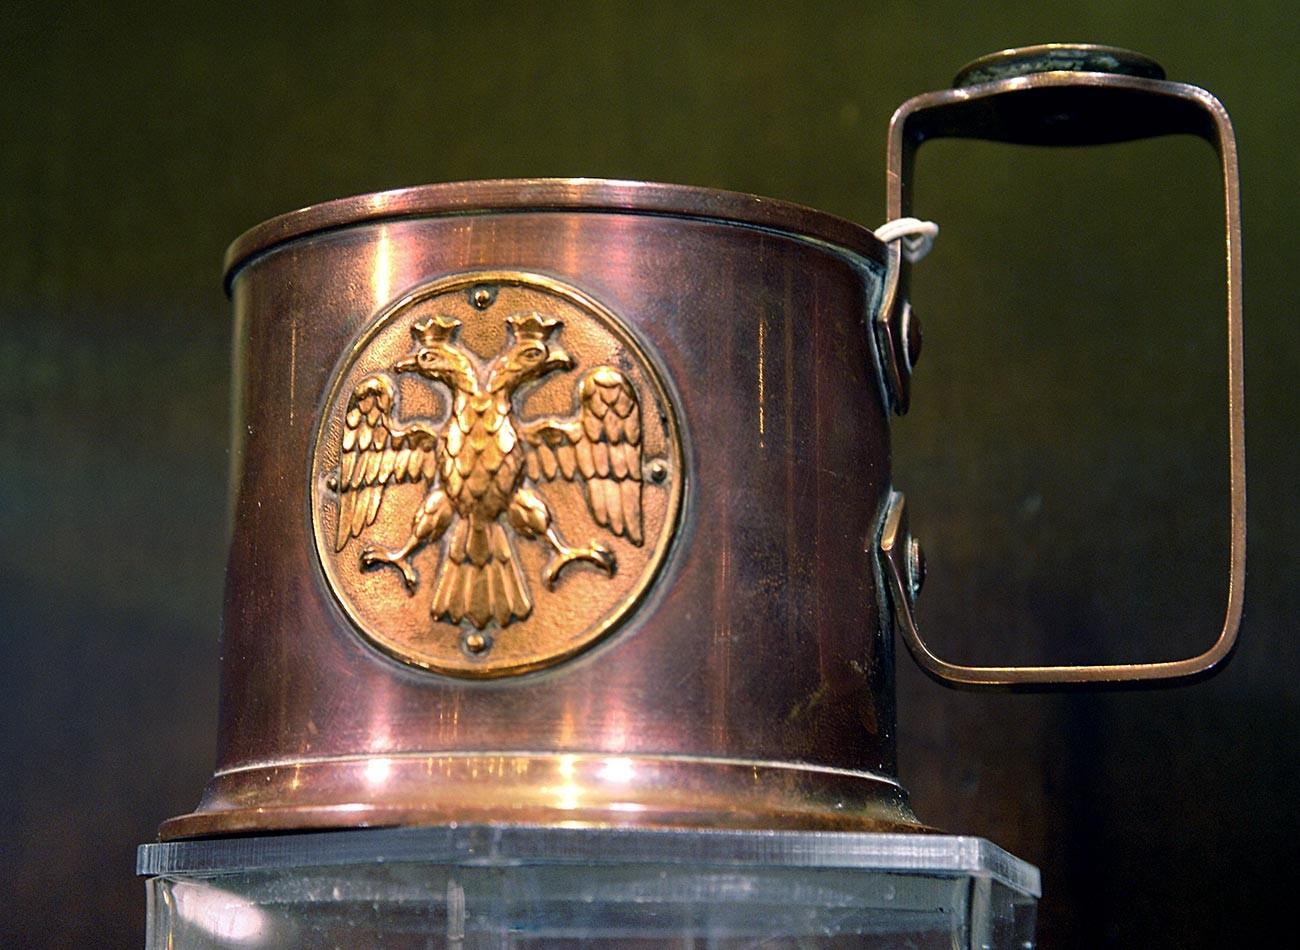 Ein Podstakannik, entworfen von Carl Faberge in den Jahren 1914-1915